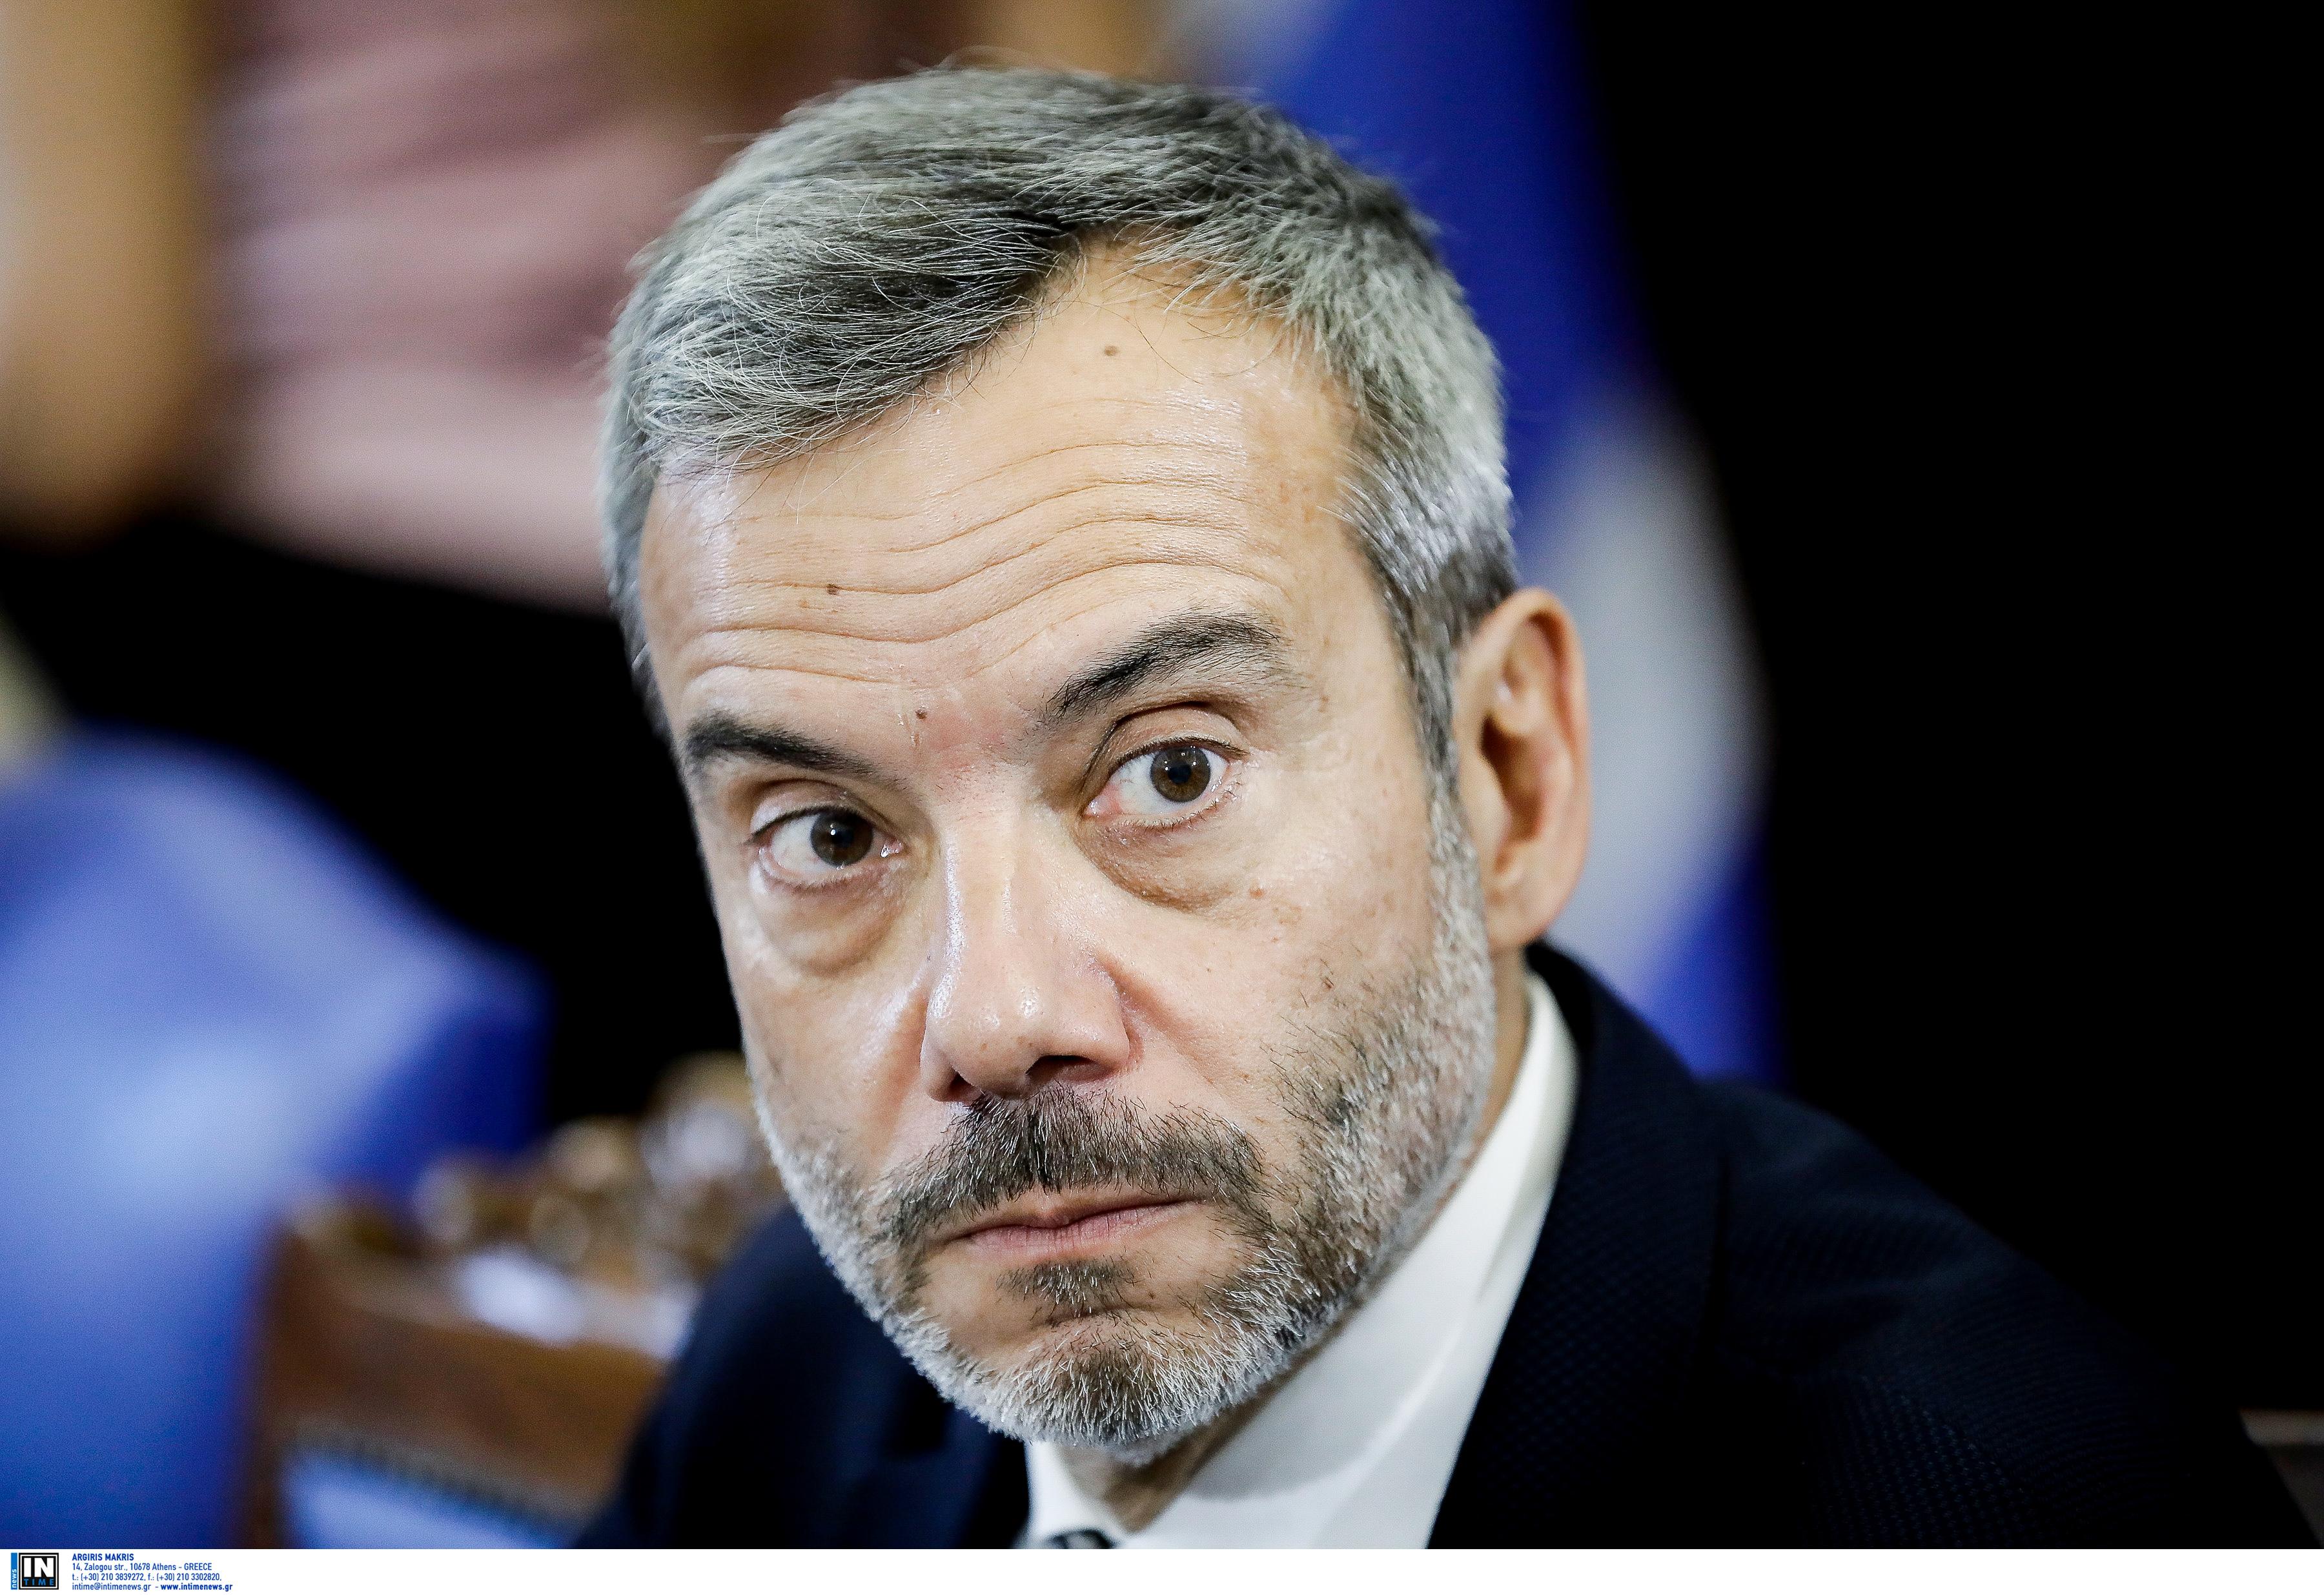 """Νέος δήμαρχος Θεσσαλονίκης: """"Δουλειά και όχι δημόσιες σχέσεις"""""""